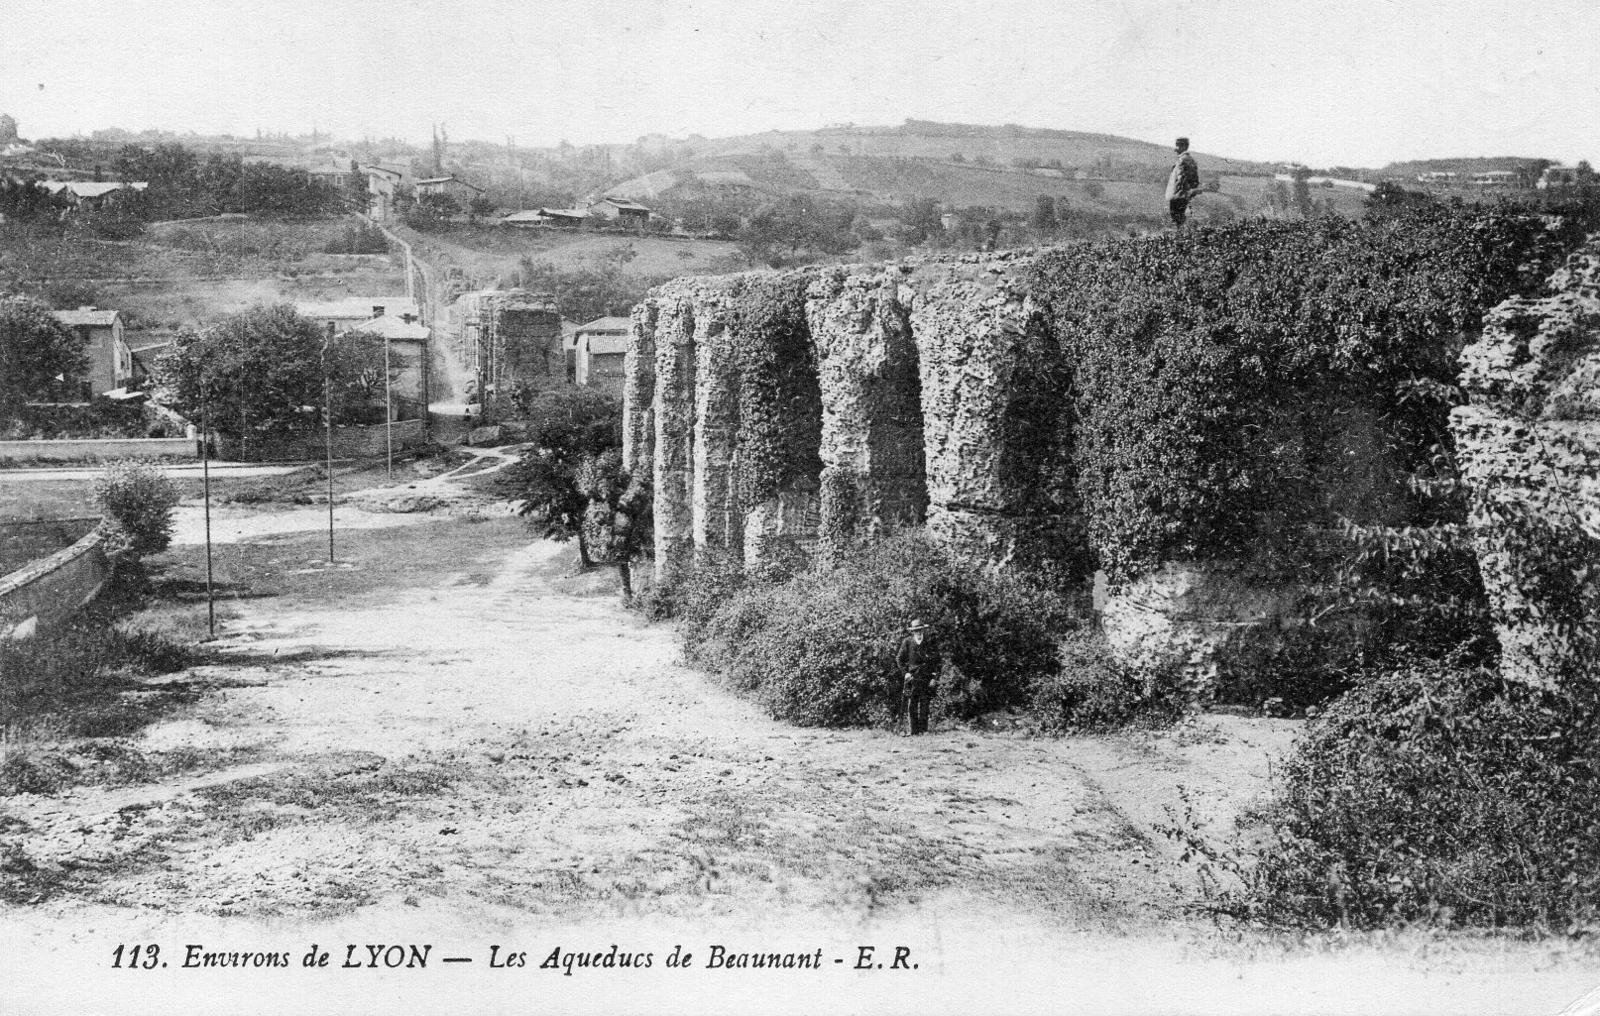 Bibliothèque Ste Foy Les Lyon sainte-foy-lès-lyon - rhÖne environs de lyon : les aqueducs